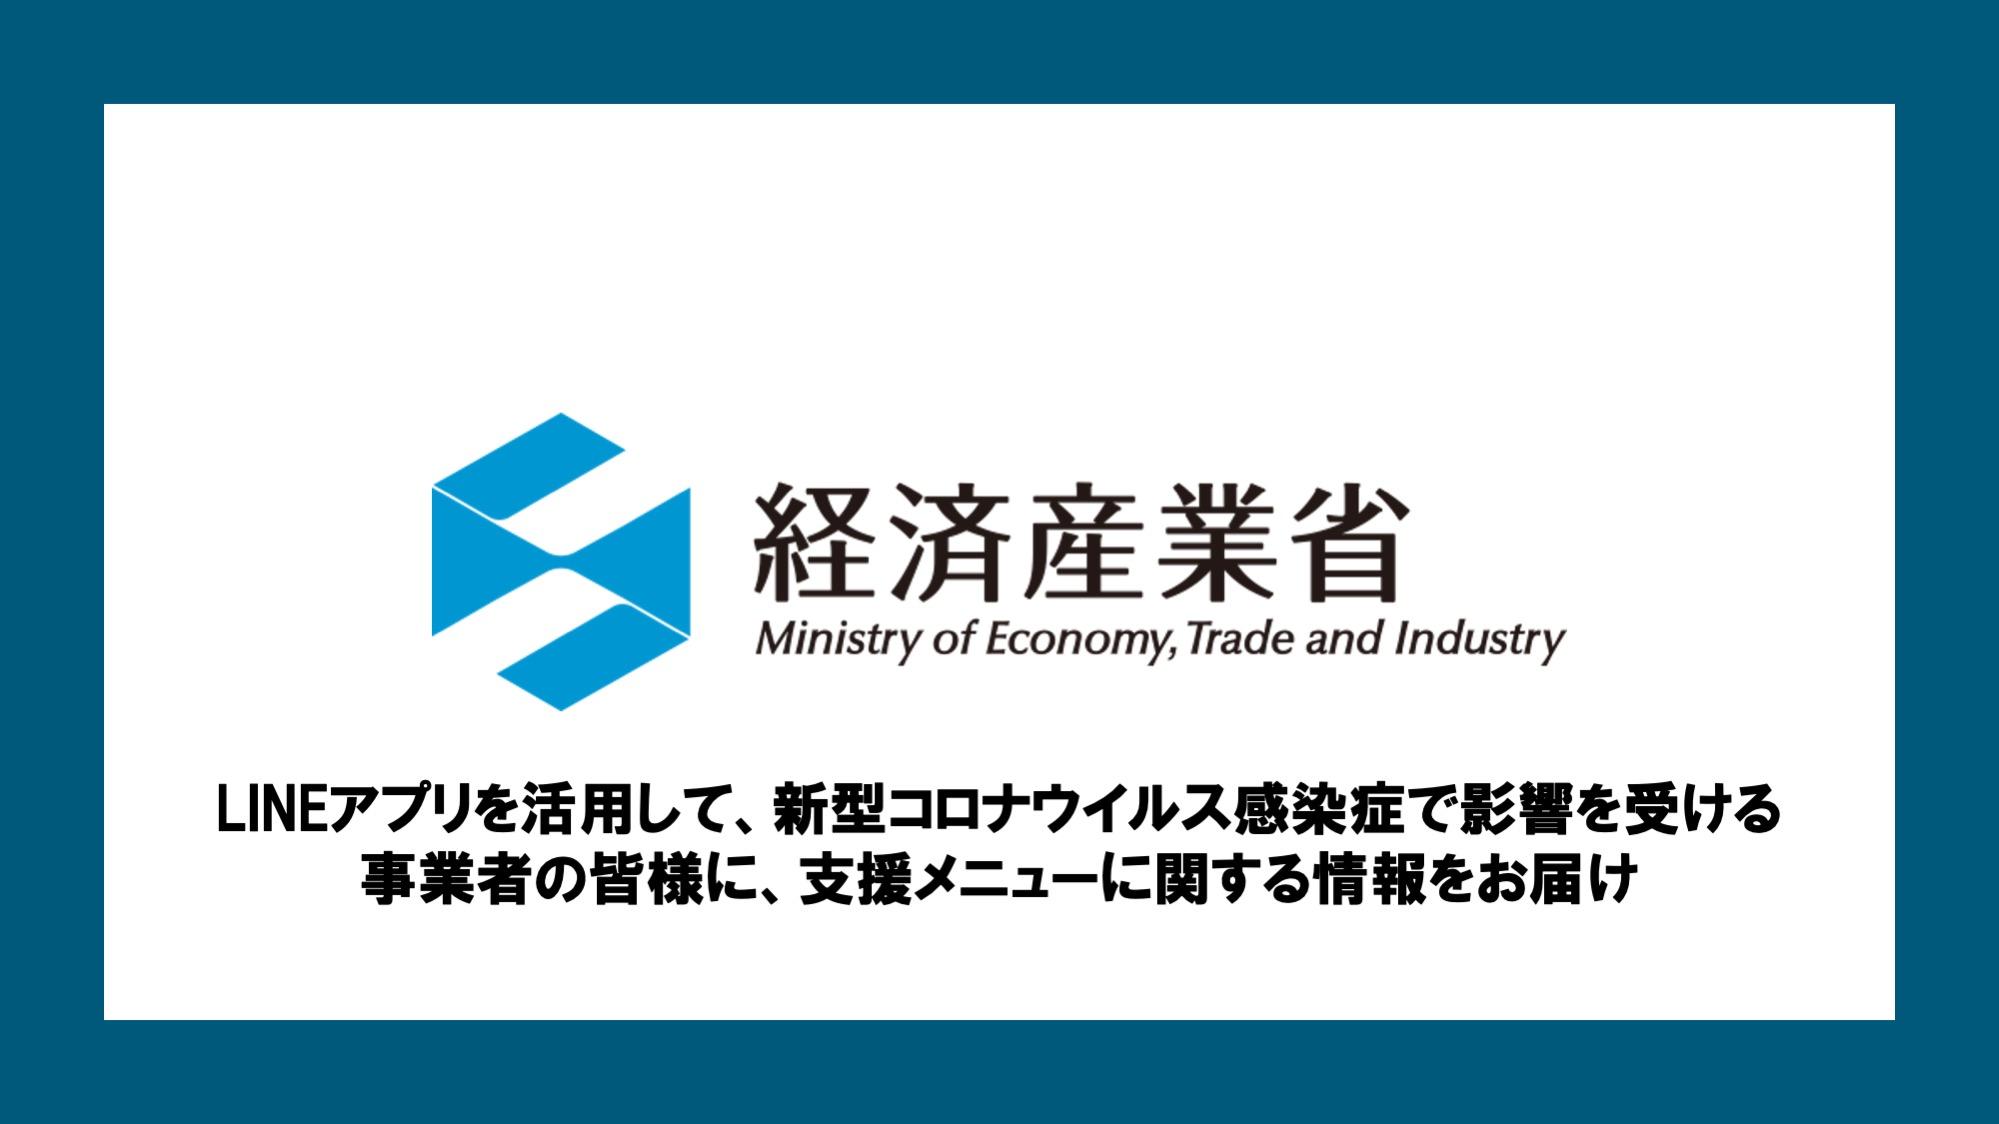 産業 省 経済